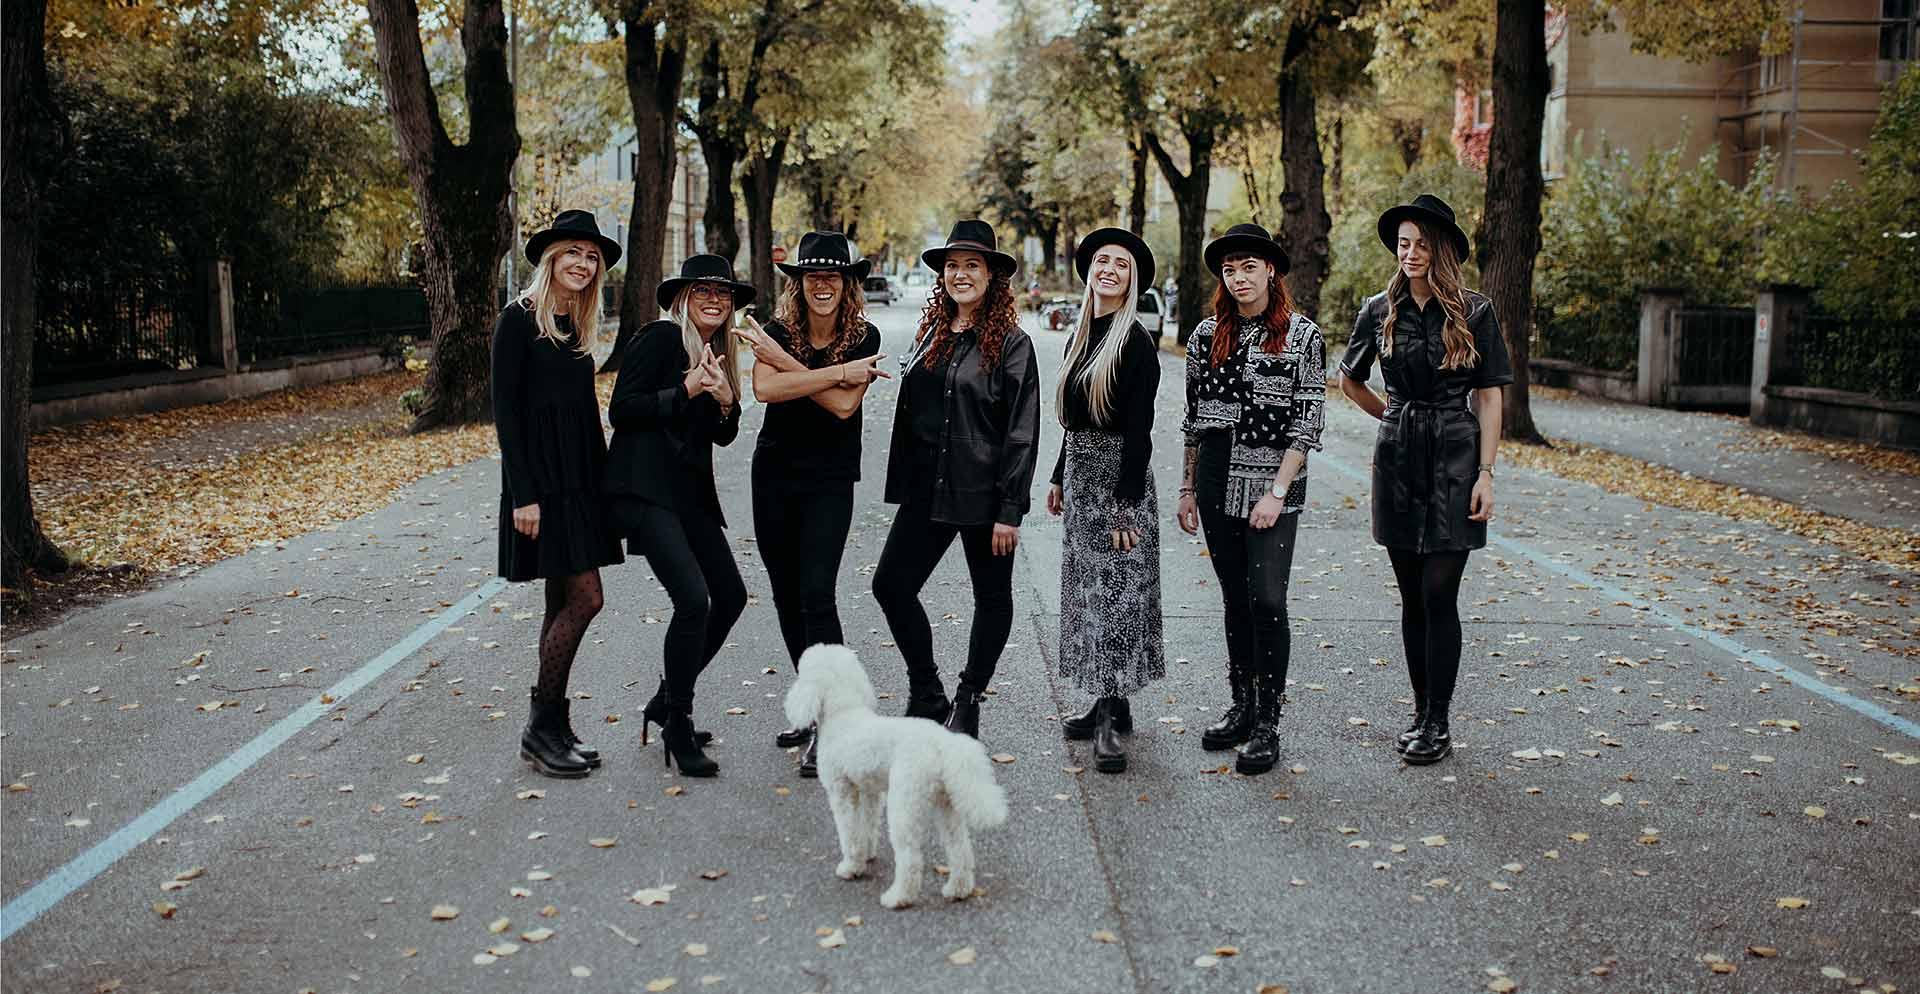 Das Looksus-Team